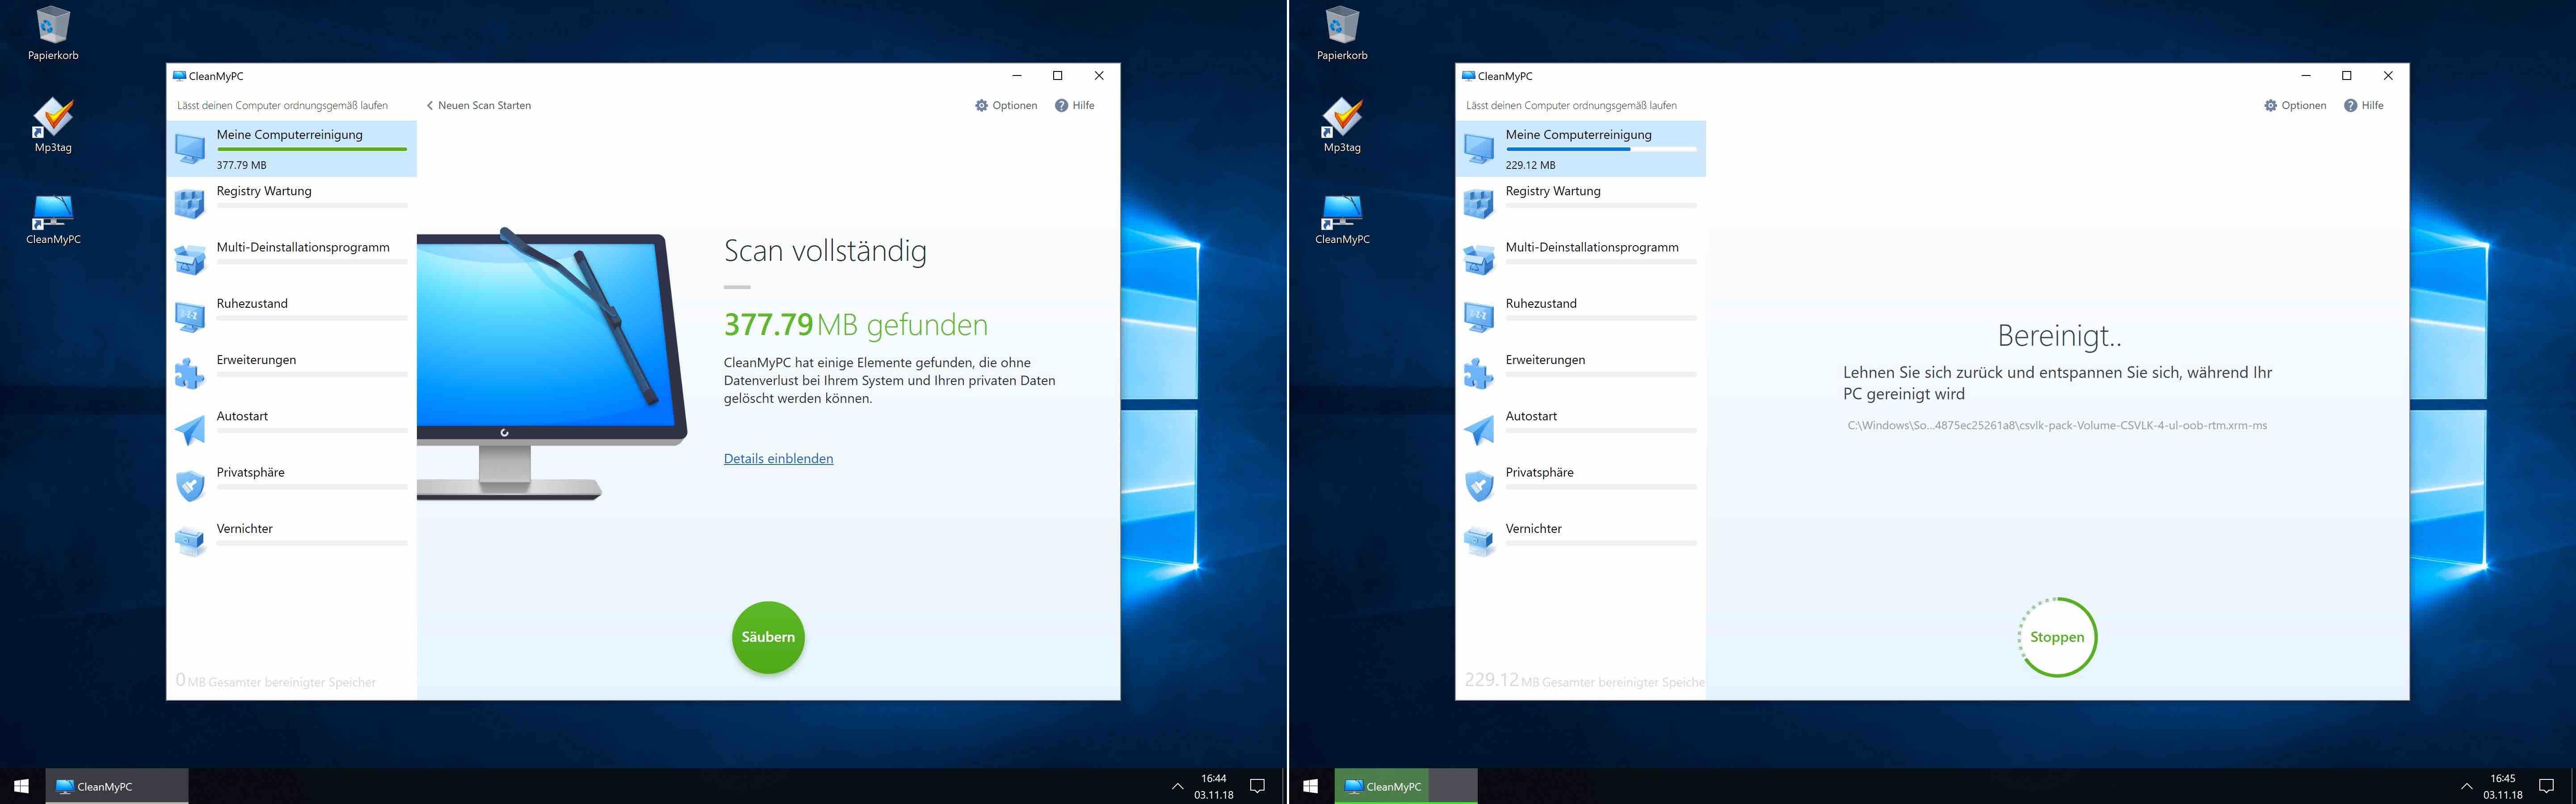 MacPaw_Clean_My_PC_Windows_Review2 CleanMyPC von MacPaw - einmal Windows, aber ordentlich und sauber bitte